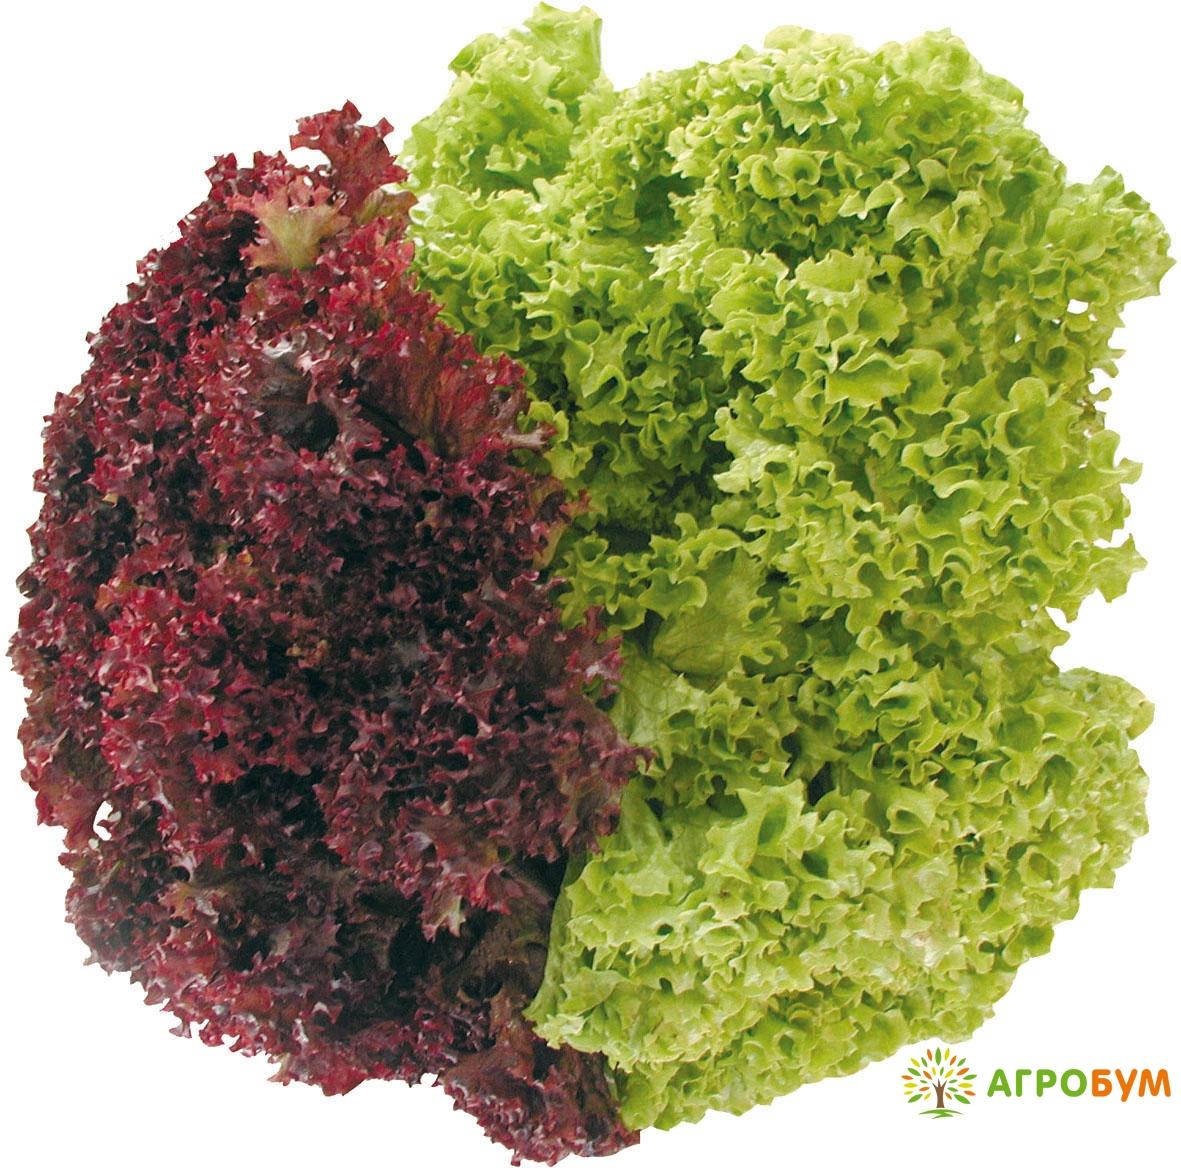 Купить семена Салат Разноцветное кружево 1,0 г по низкой цене, доставка почтой наложенным платежом по России, курьером по Москве - интернет-магазин АгроБум